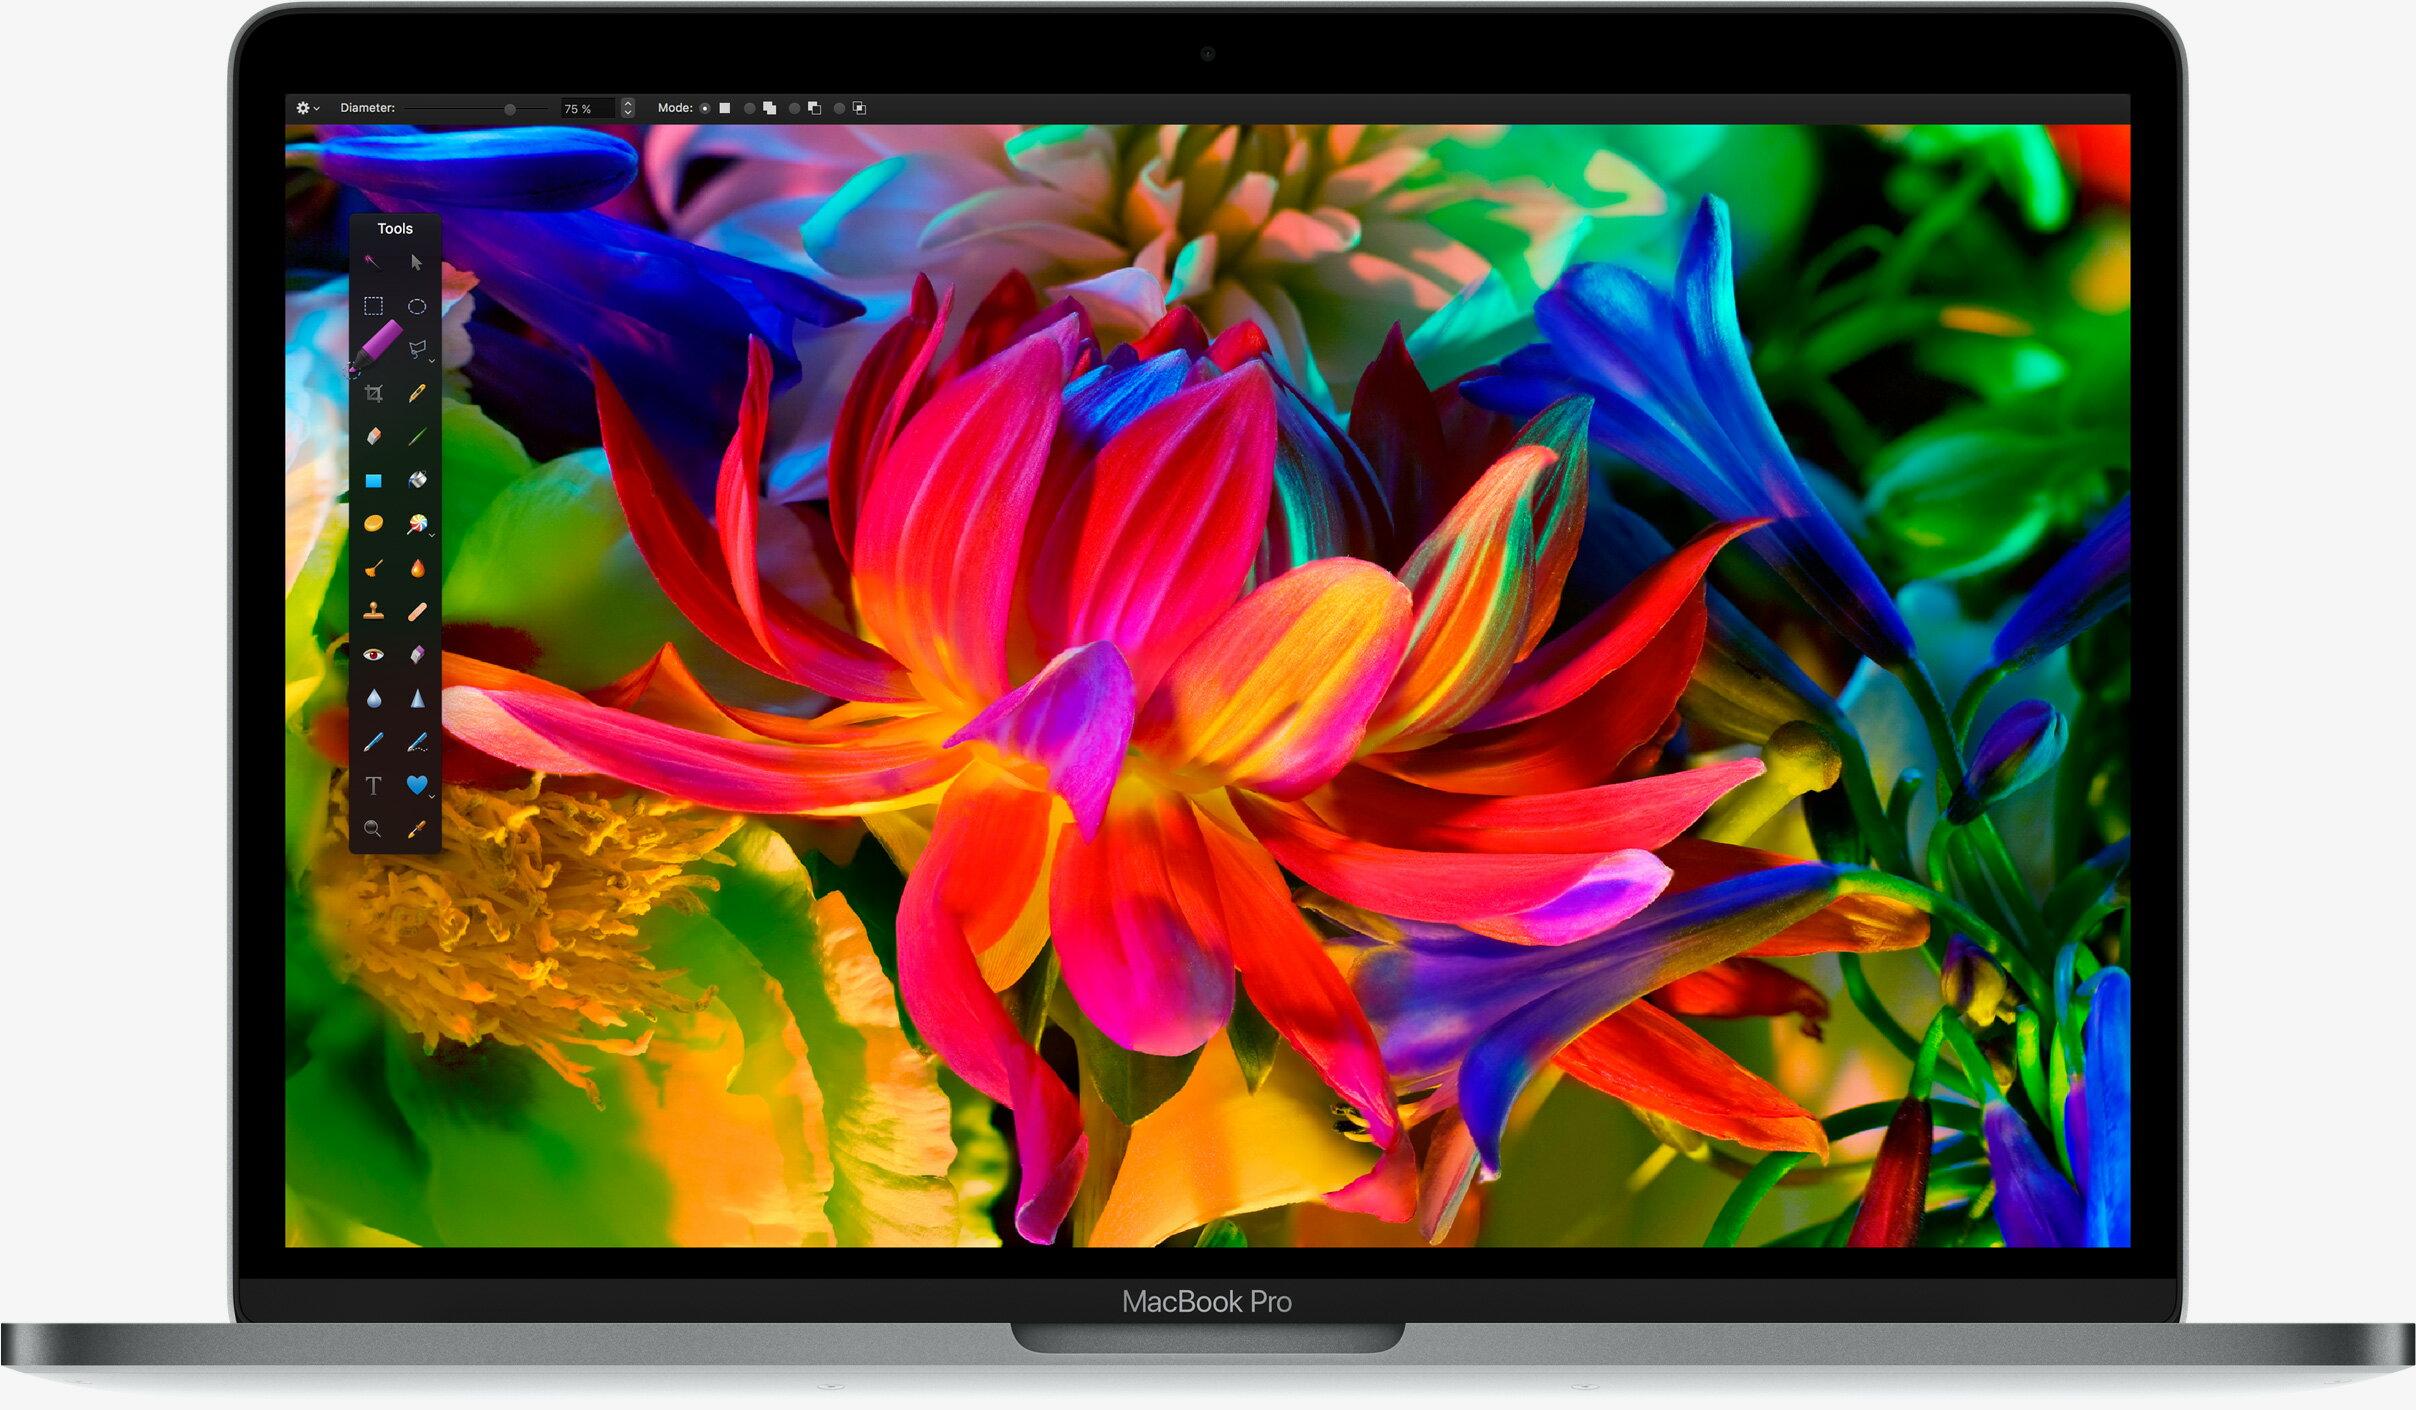 2017 新款訂製 MacBook Pro 13吋 2.3G 特規16G 256G SSD 實體門市 台灣貨中文鍵盤